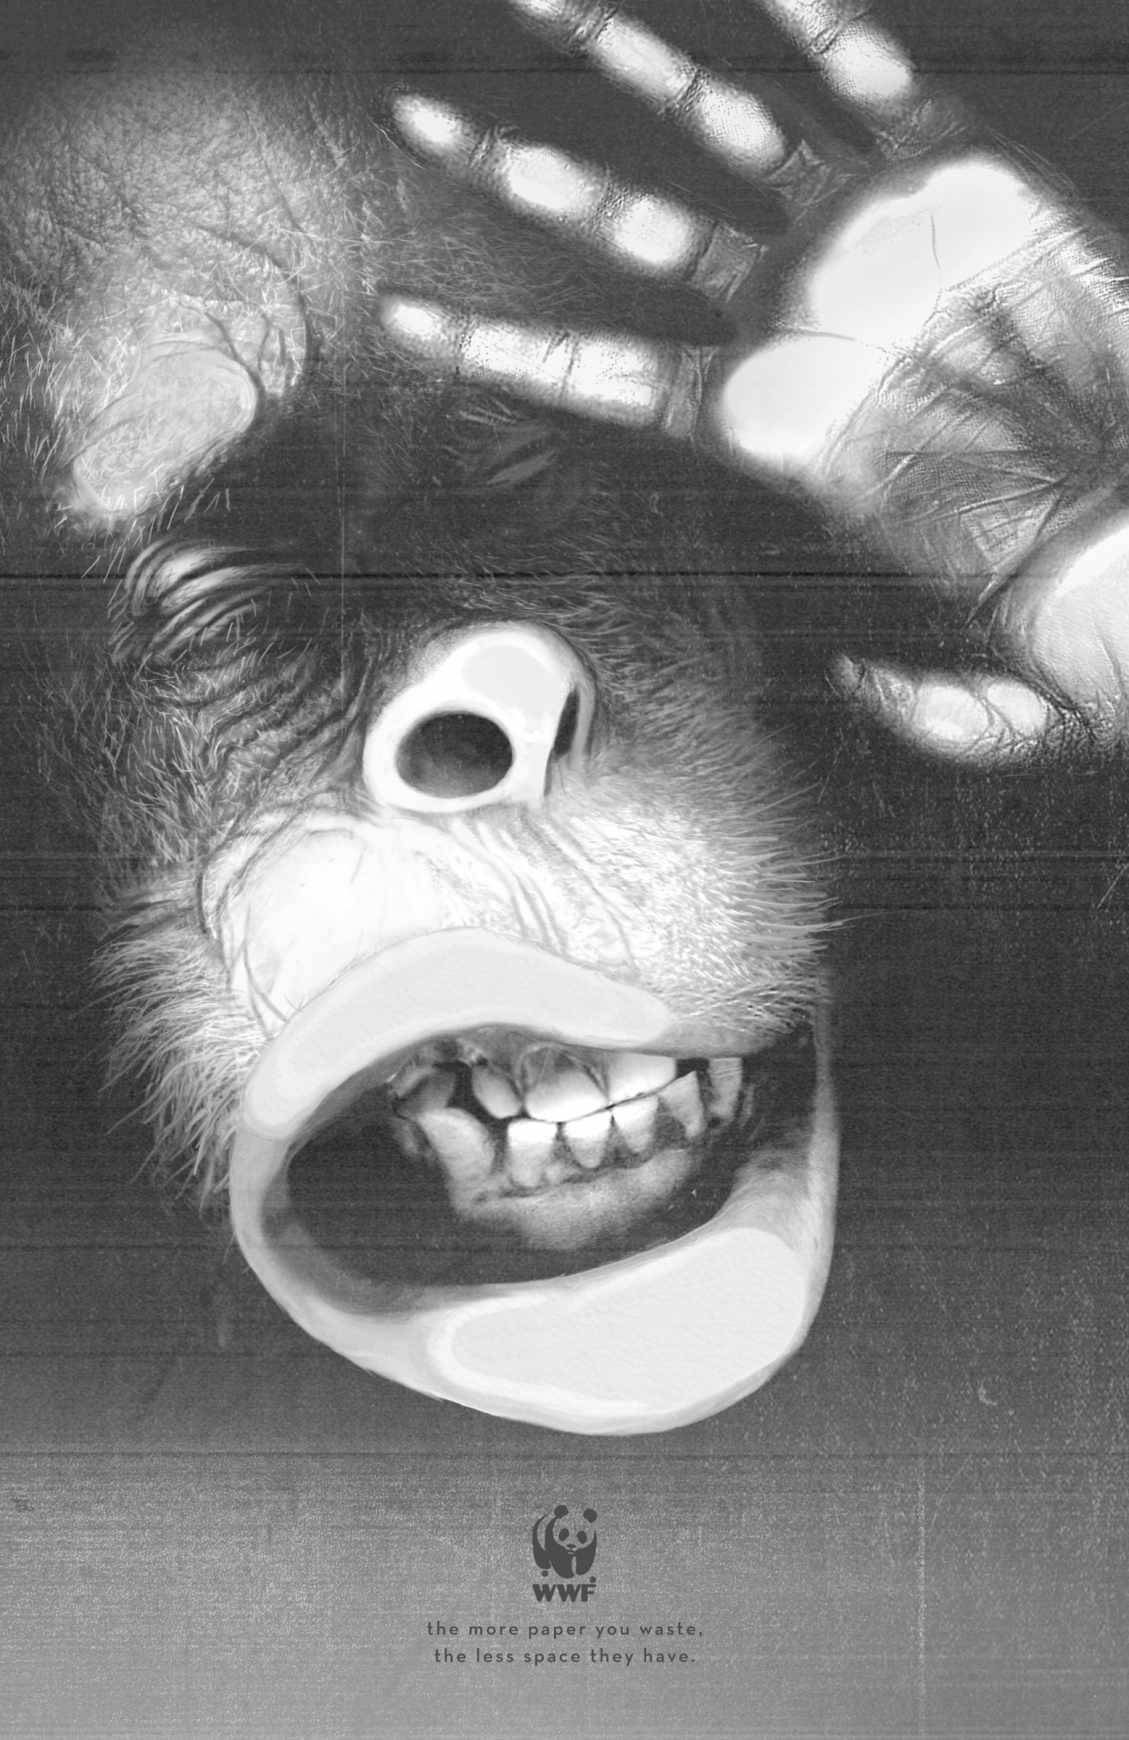 orangutan_final2_aotw